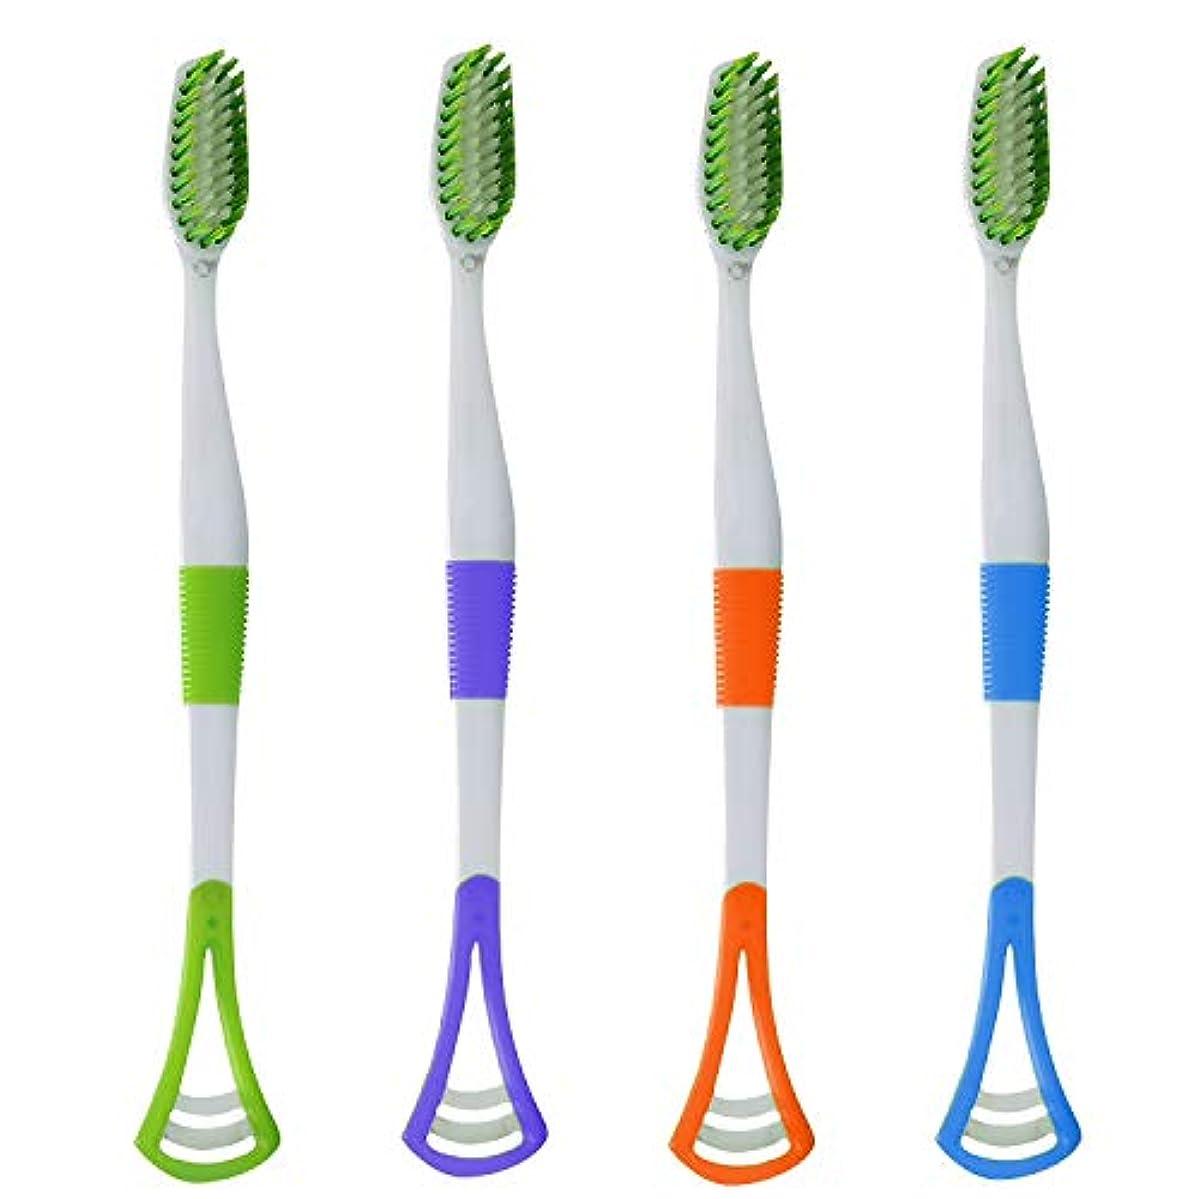 銛やりすぎアセゴシレ Gosear 4ピース盛り合わせカラー多機能ソフト剛毛歯ブラシ作り付け舌クリーナー用男性女性大人ホーム旅行キャンプ日常使用